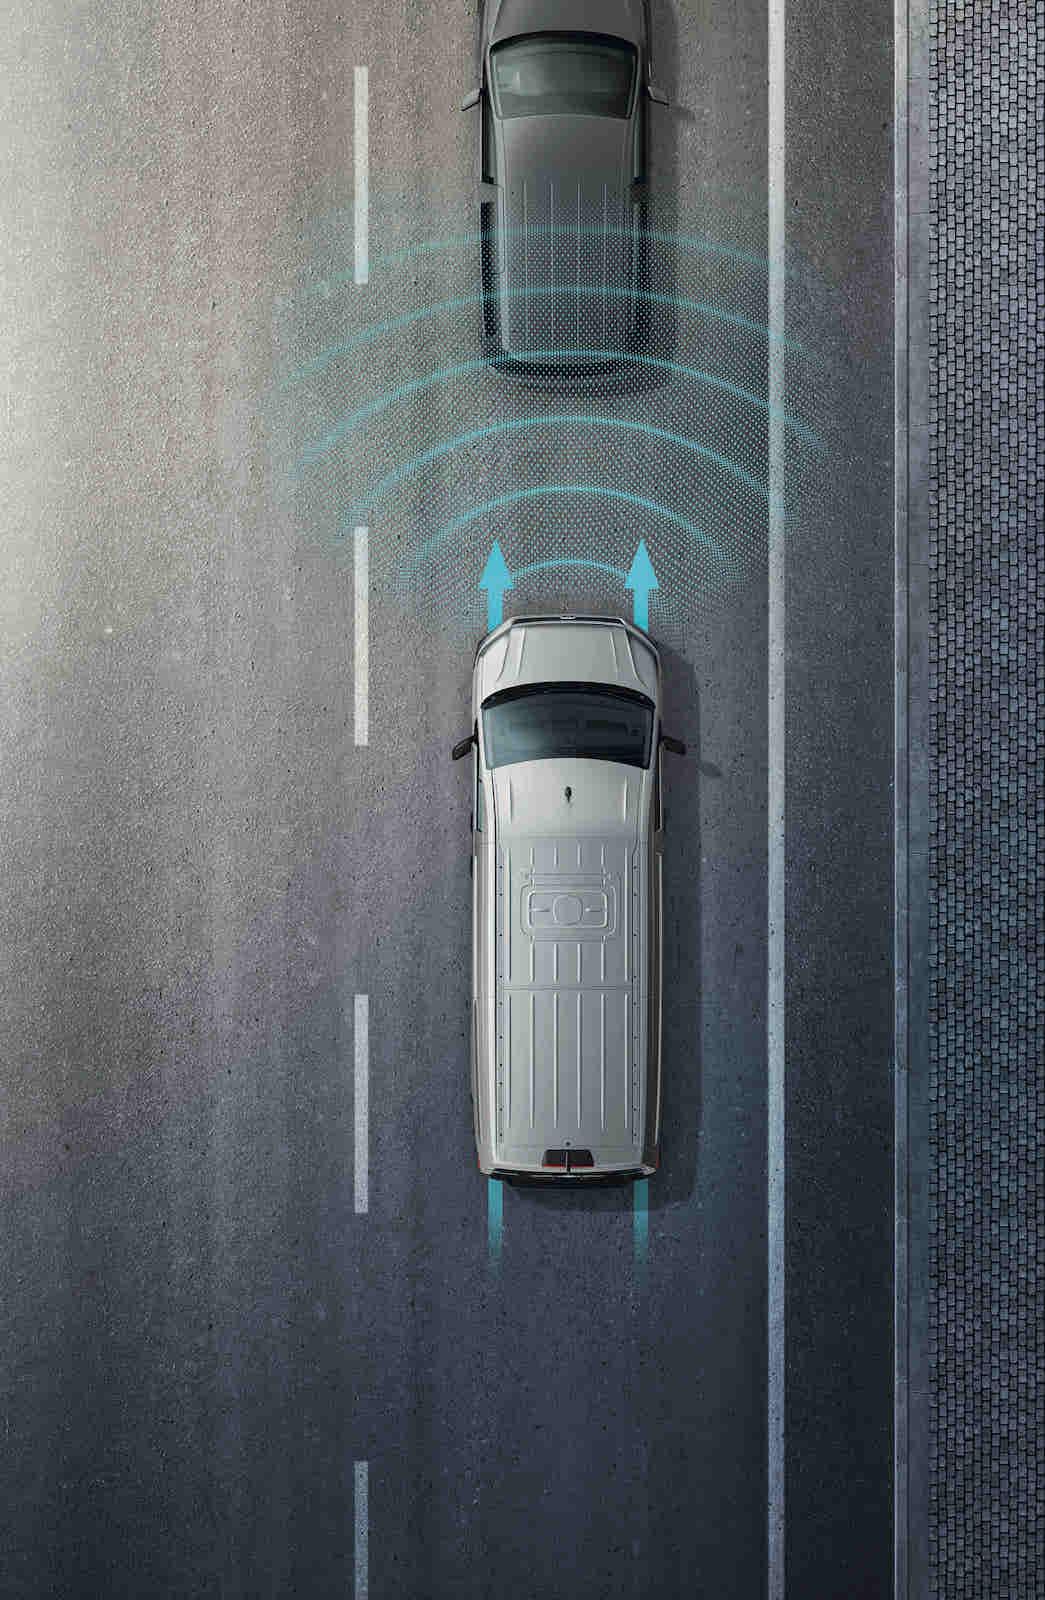 ACC 主動式車距調節巡航系統。